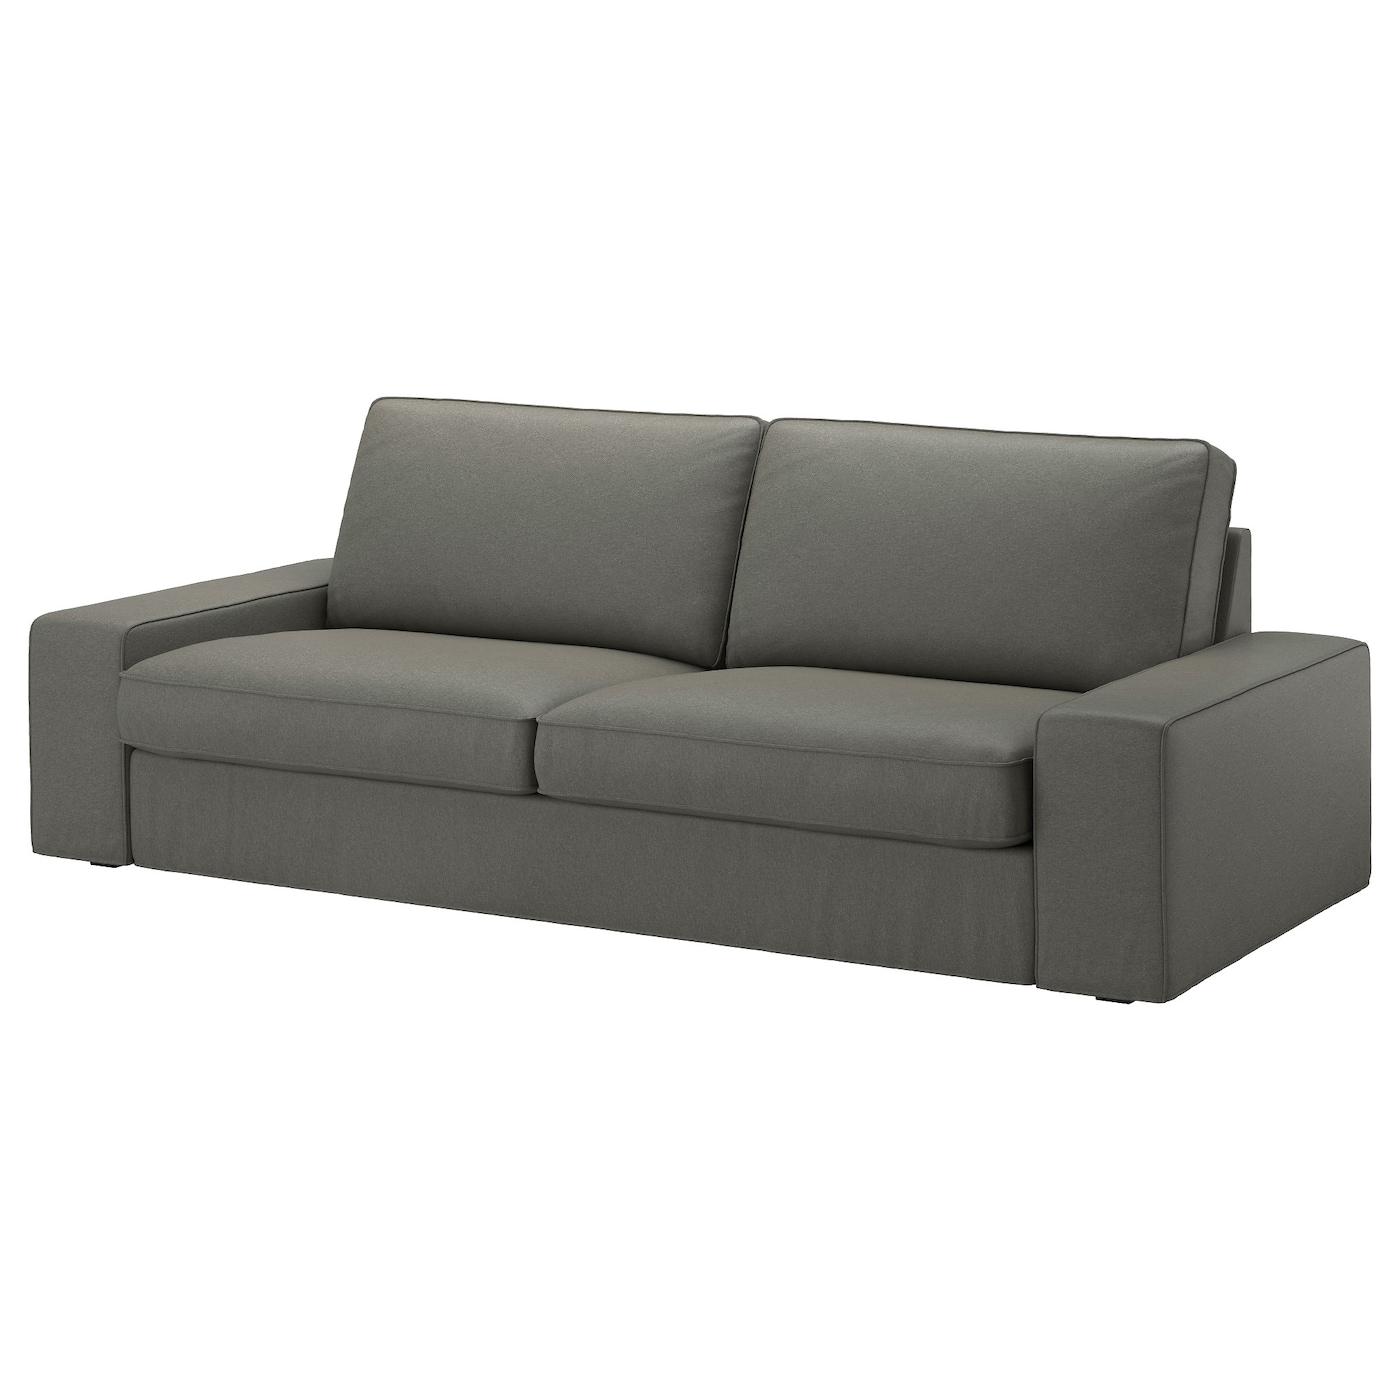 KIVIK Canapé 3 places Borred gris vert IKEA